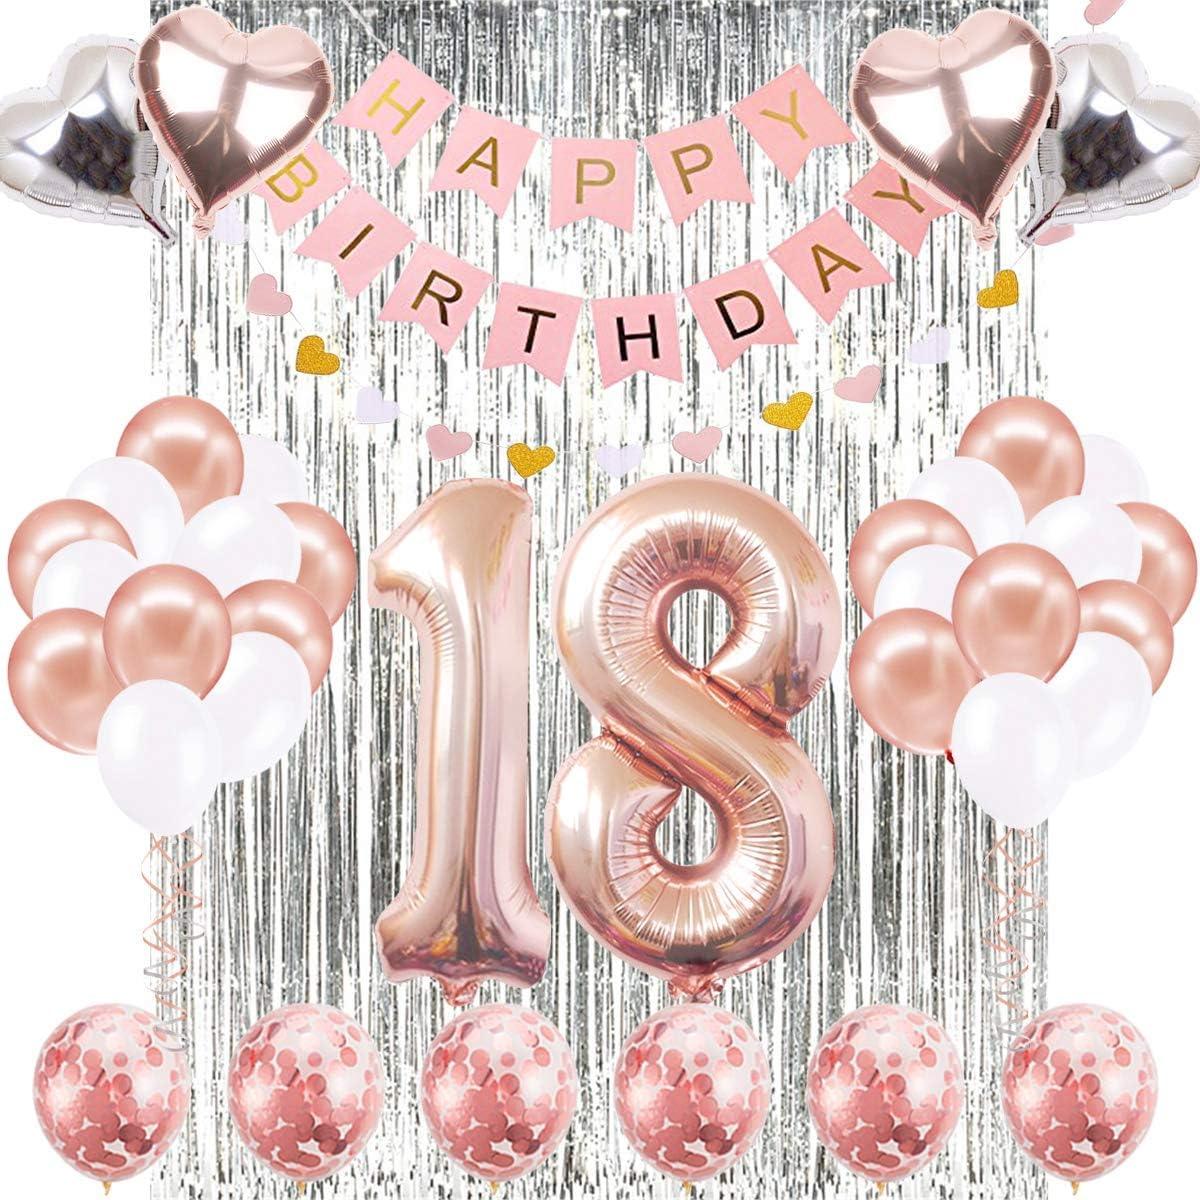 Decoraciones de Cumpleaños Número 18 Banner Globo Decoraciones de Cumpleaños Número 18 Artículos de Fiesta Regalos Para Mujeres Globos Número 18 de Oro Rosa, Globos de Confeti de Oro Rosa